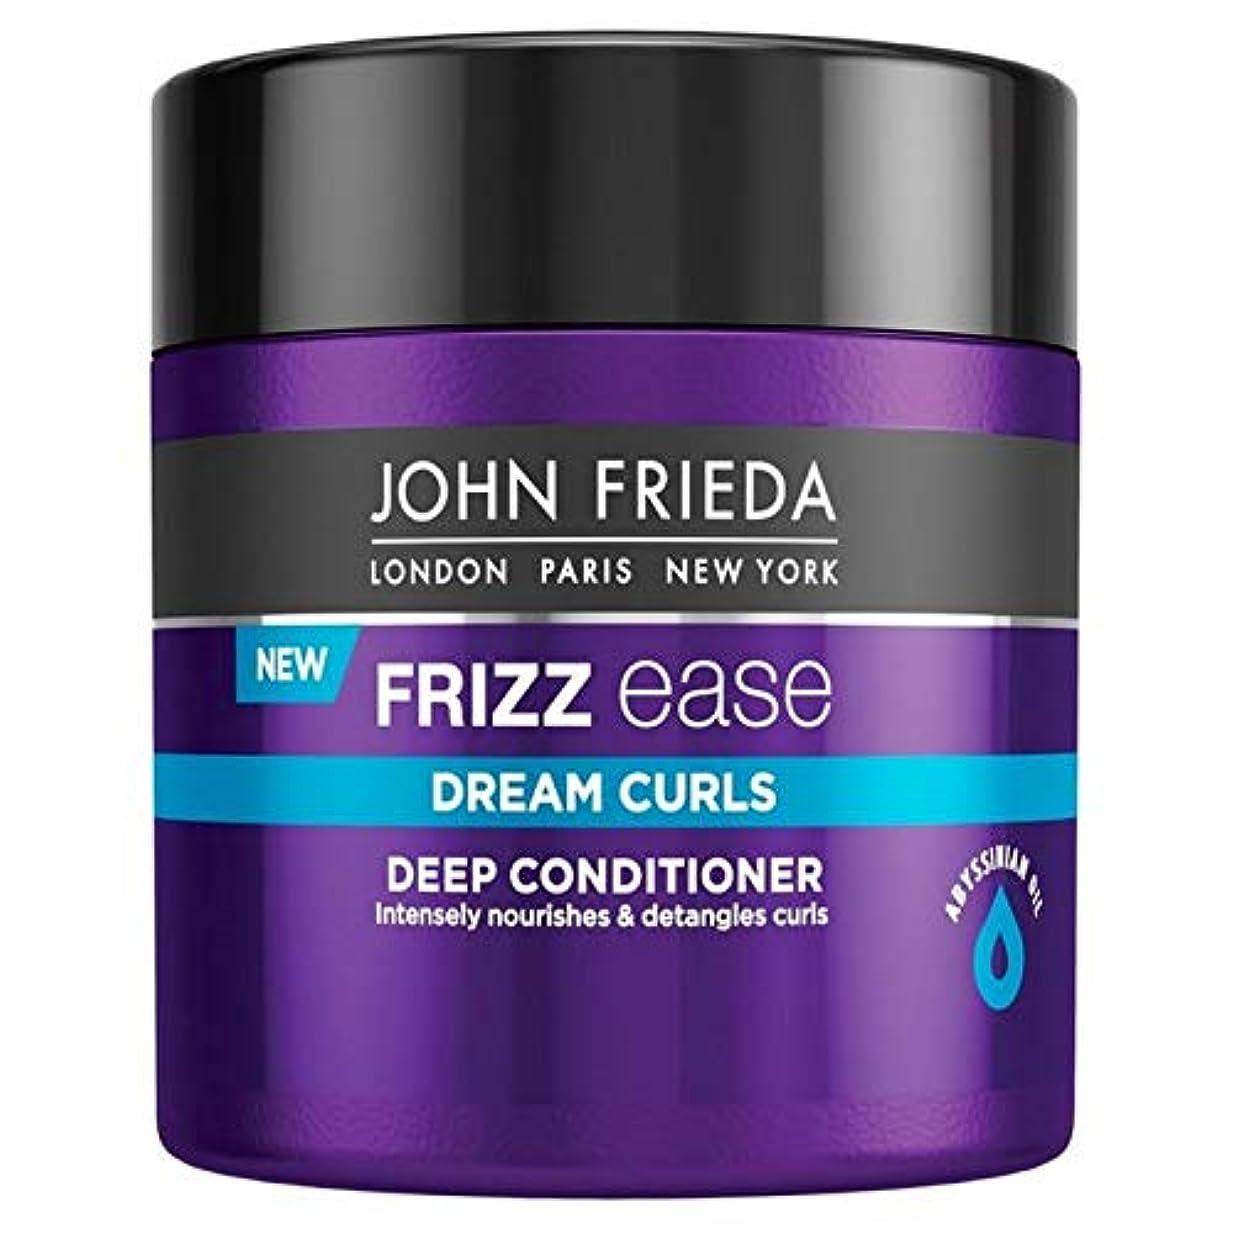 敬つまらない事務所[John Frieda ] ジョン?フリーダ縮れ容易夢カール深いコンディショナー150ミリリットル - John Frieda Frizz Ease Dream Curls Deep Conditioner 150ml...